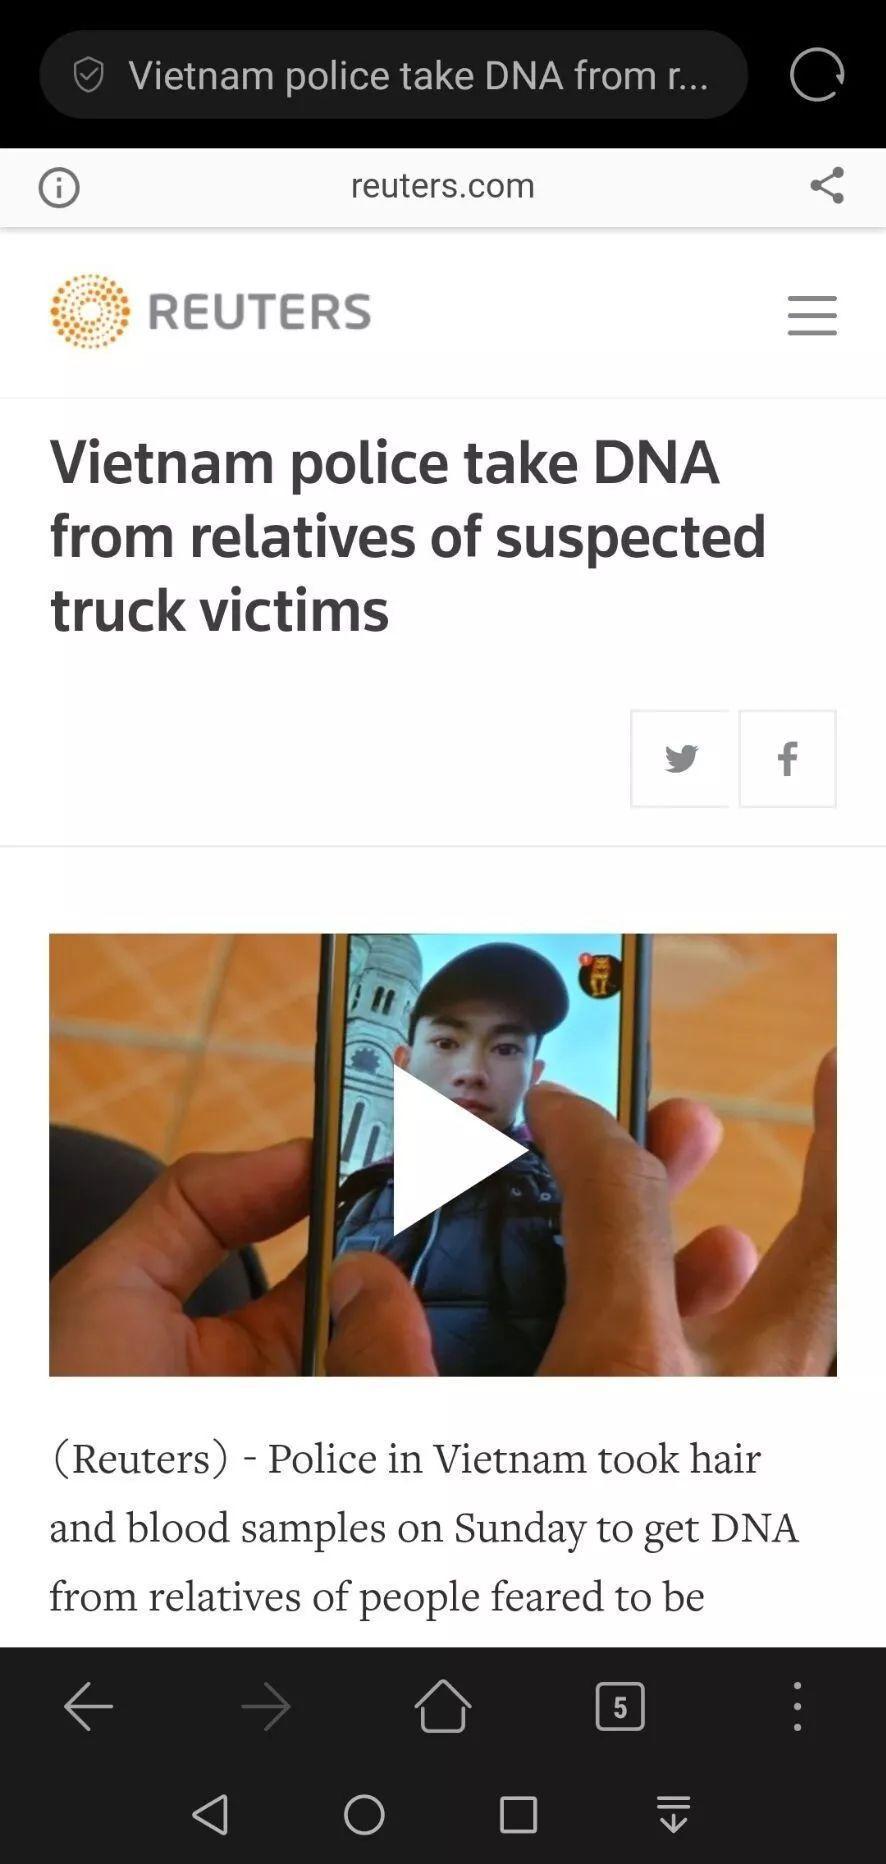 英货车事件已成越南社交网络热门,越南警方开始搜集亲属DNA样本